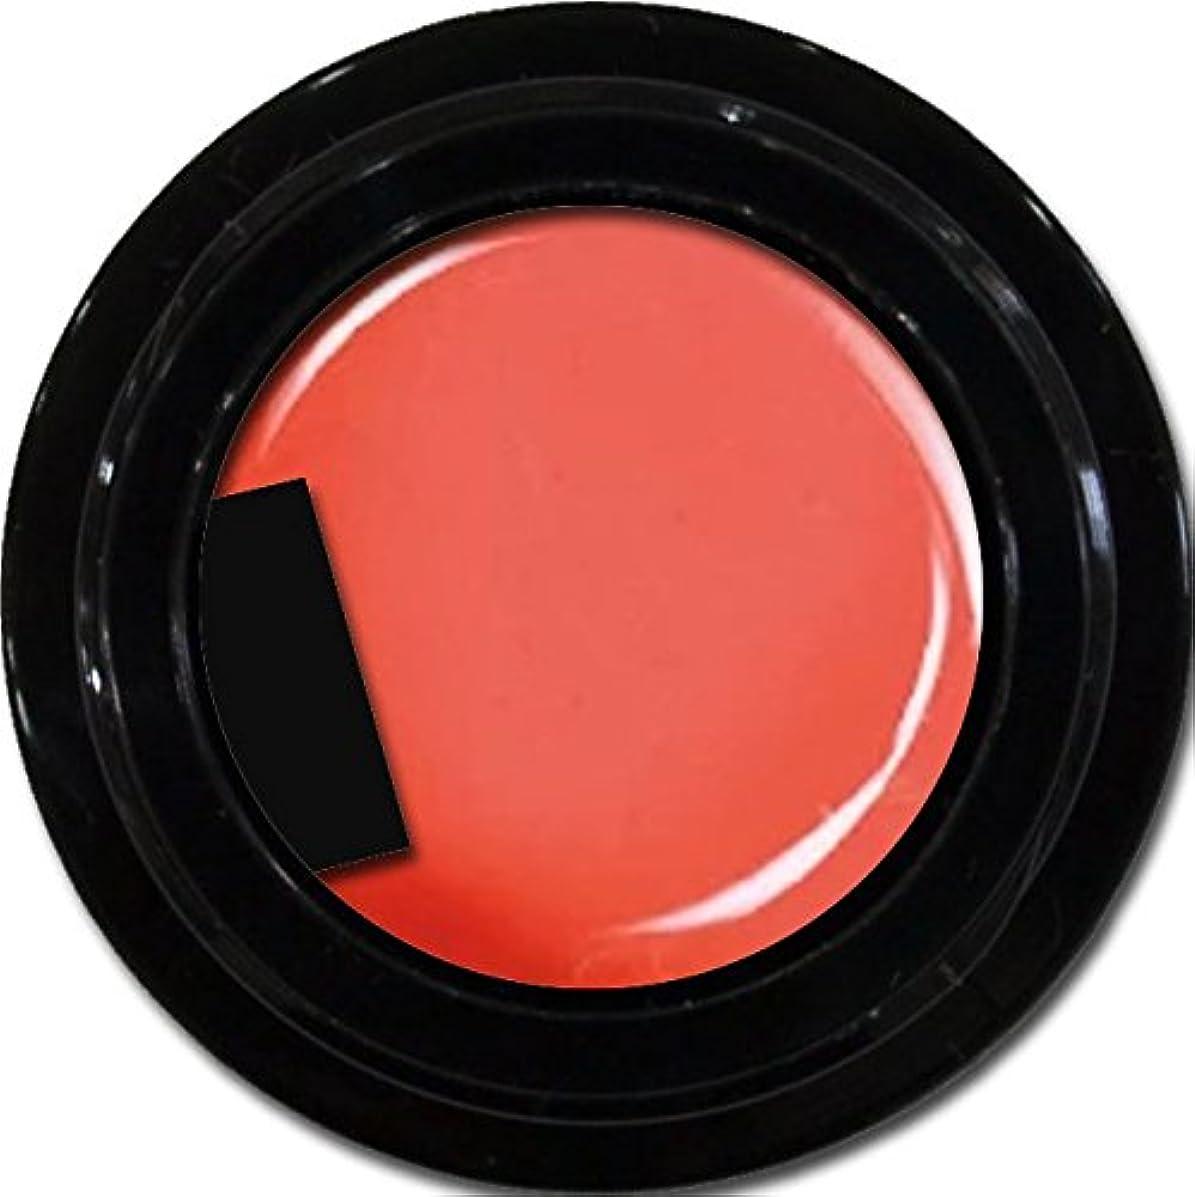 専門用語じゃがいも寄生虫カラージェル enchant color gel M301 FuzzyNavel 3g/ マットカラージェル M301 ファジーネーブル 3グラム